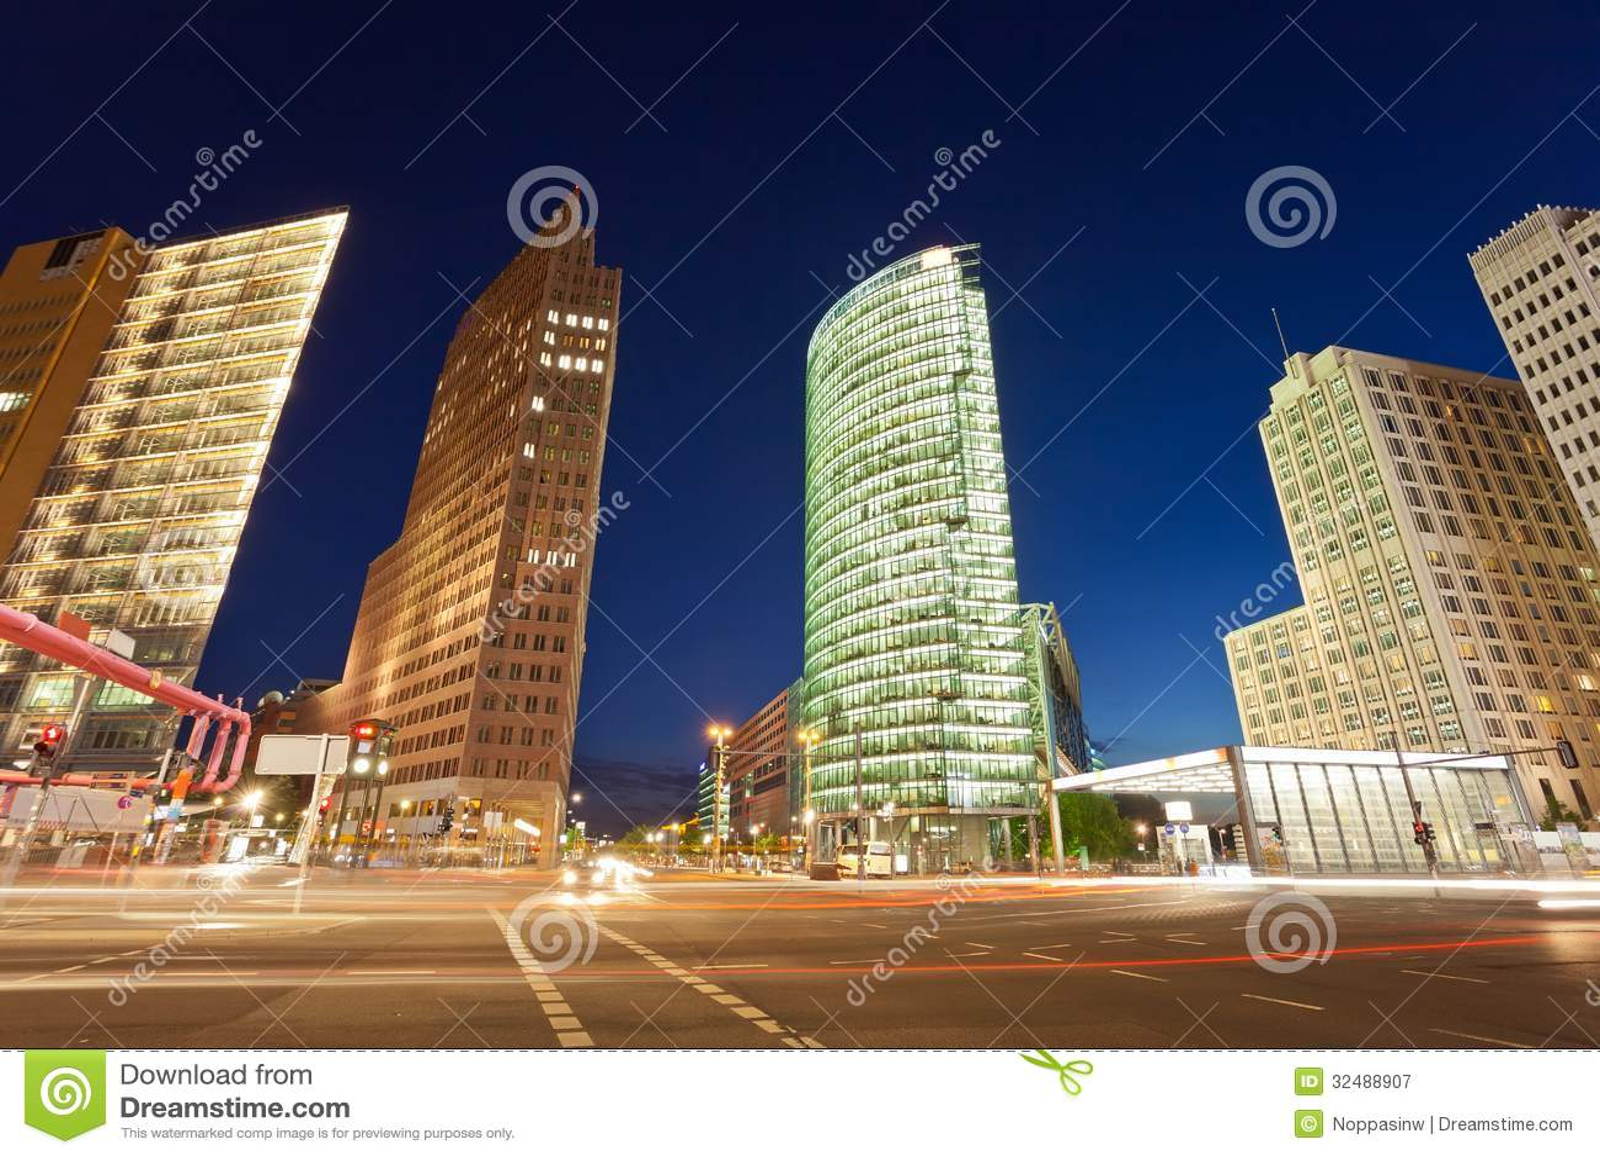 波茨坦广场交叉点的夜视图,柏林,德国.图片